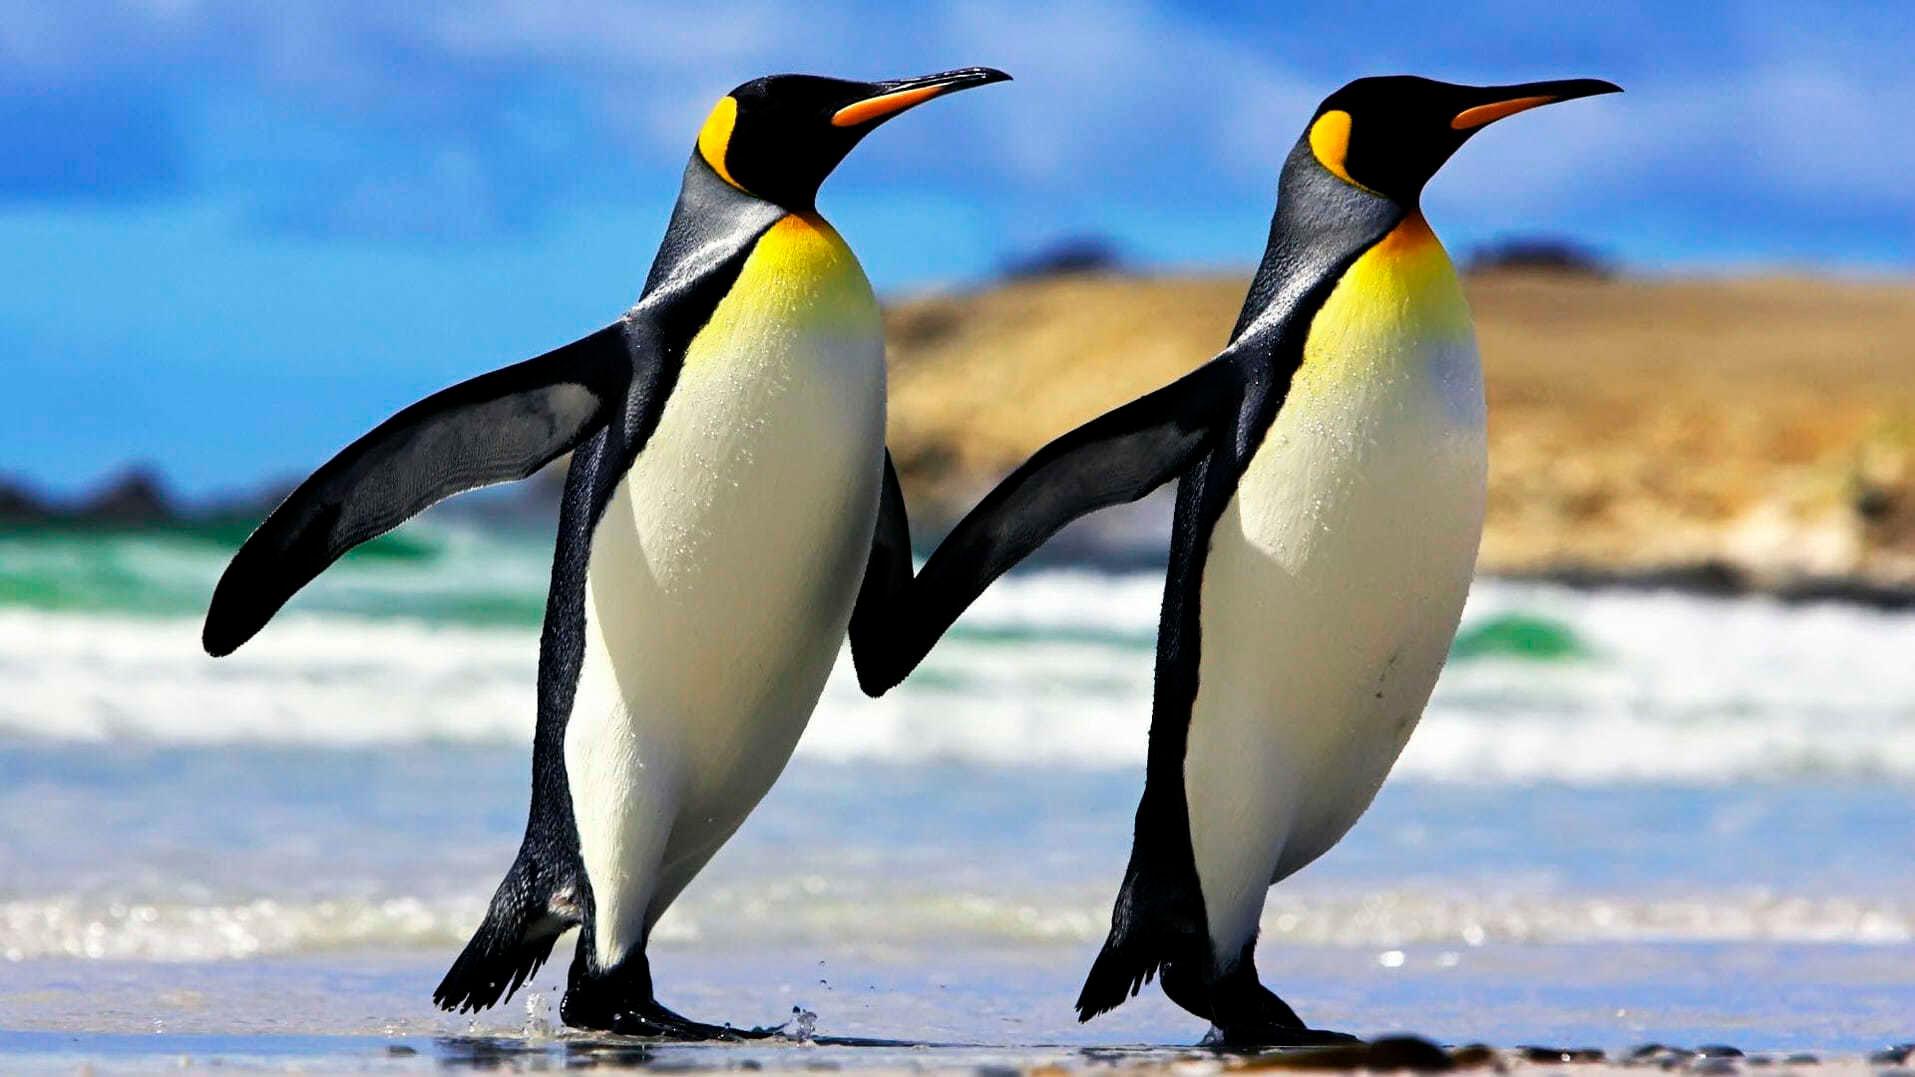 Прикольные и красивые картинки пингвинов - подборка 25 фото 13